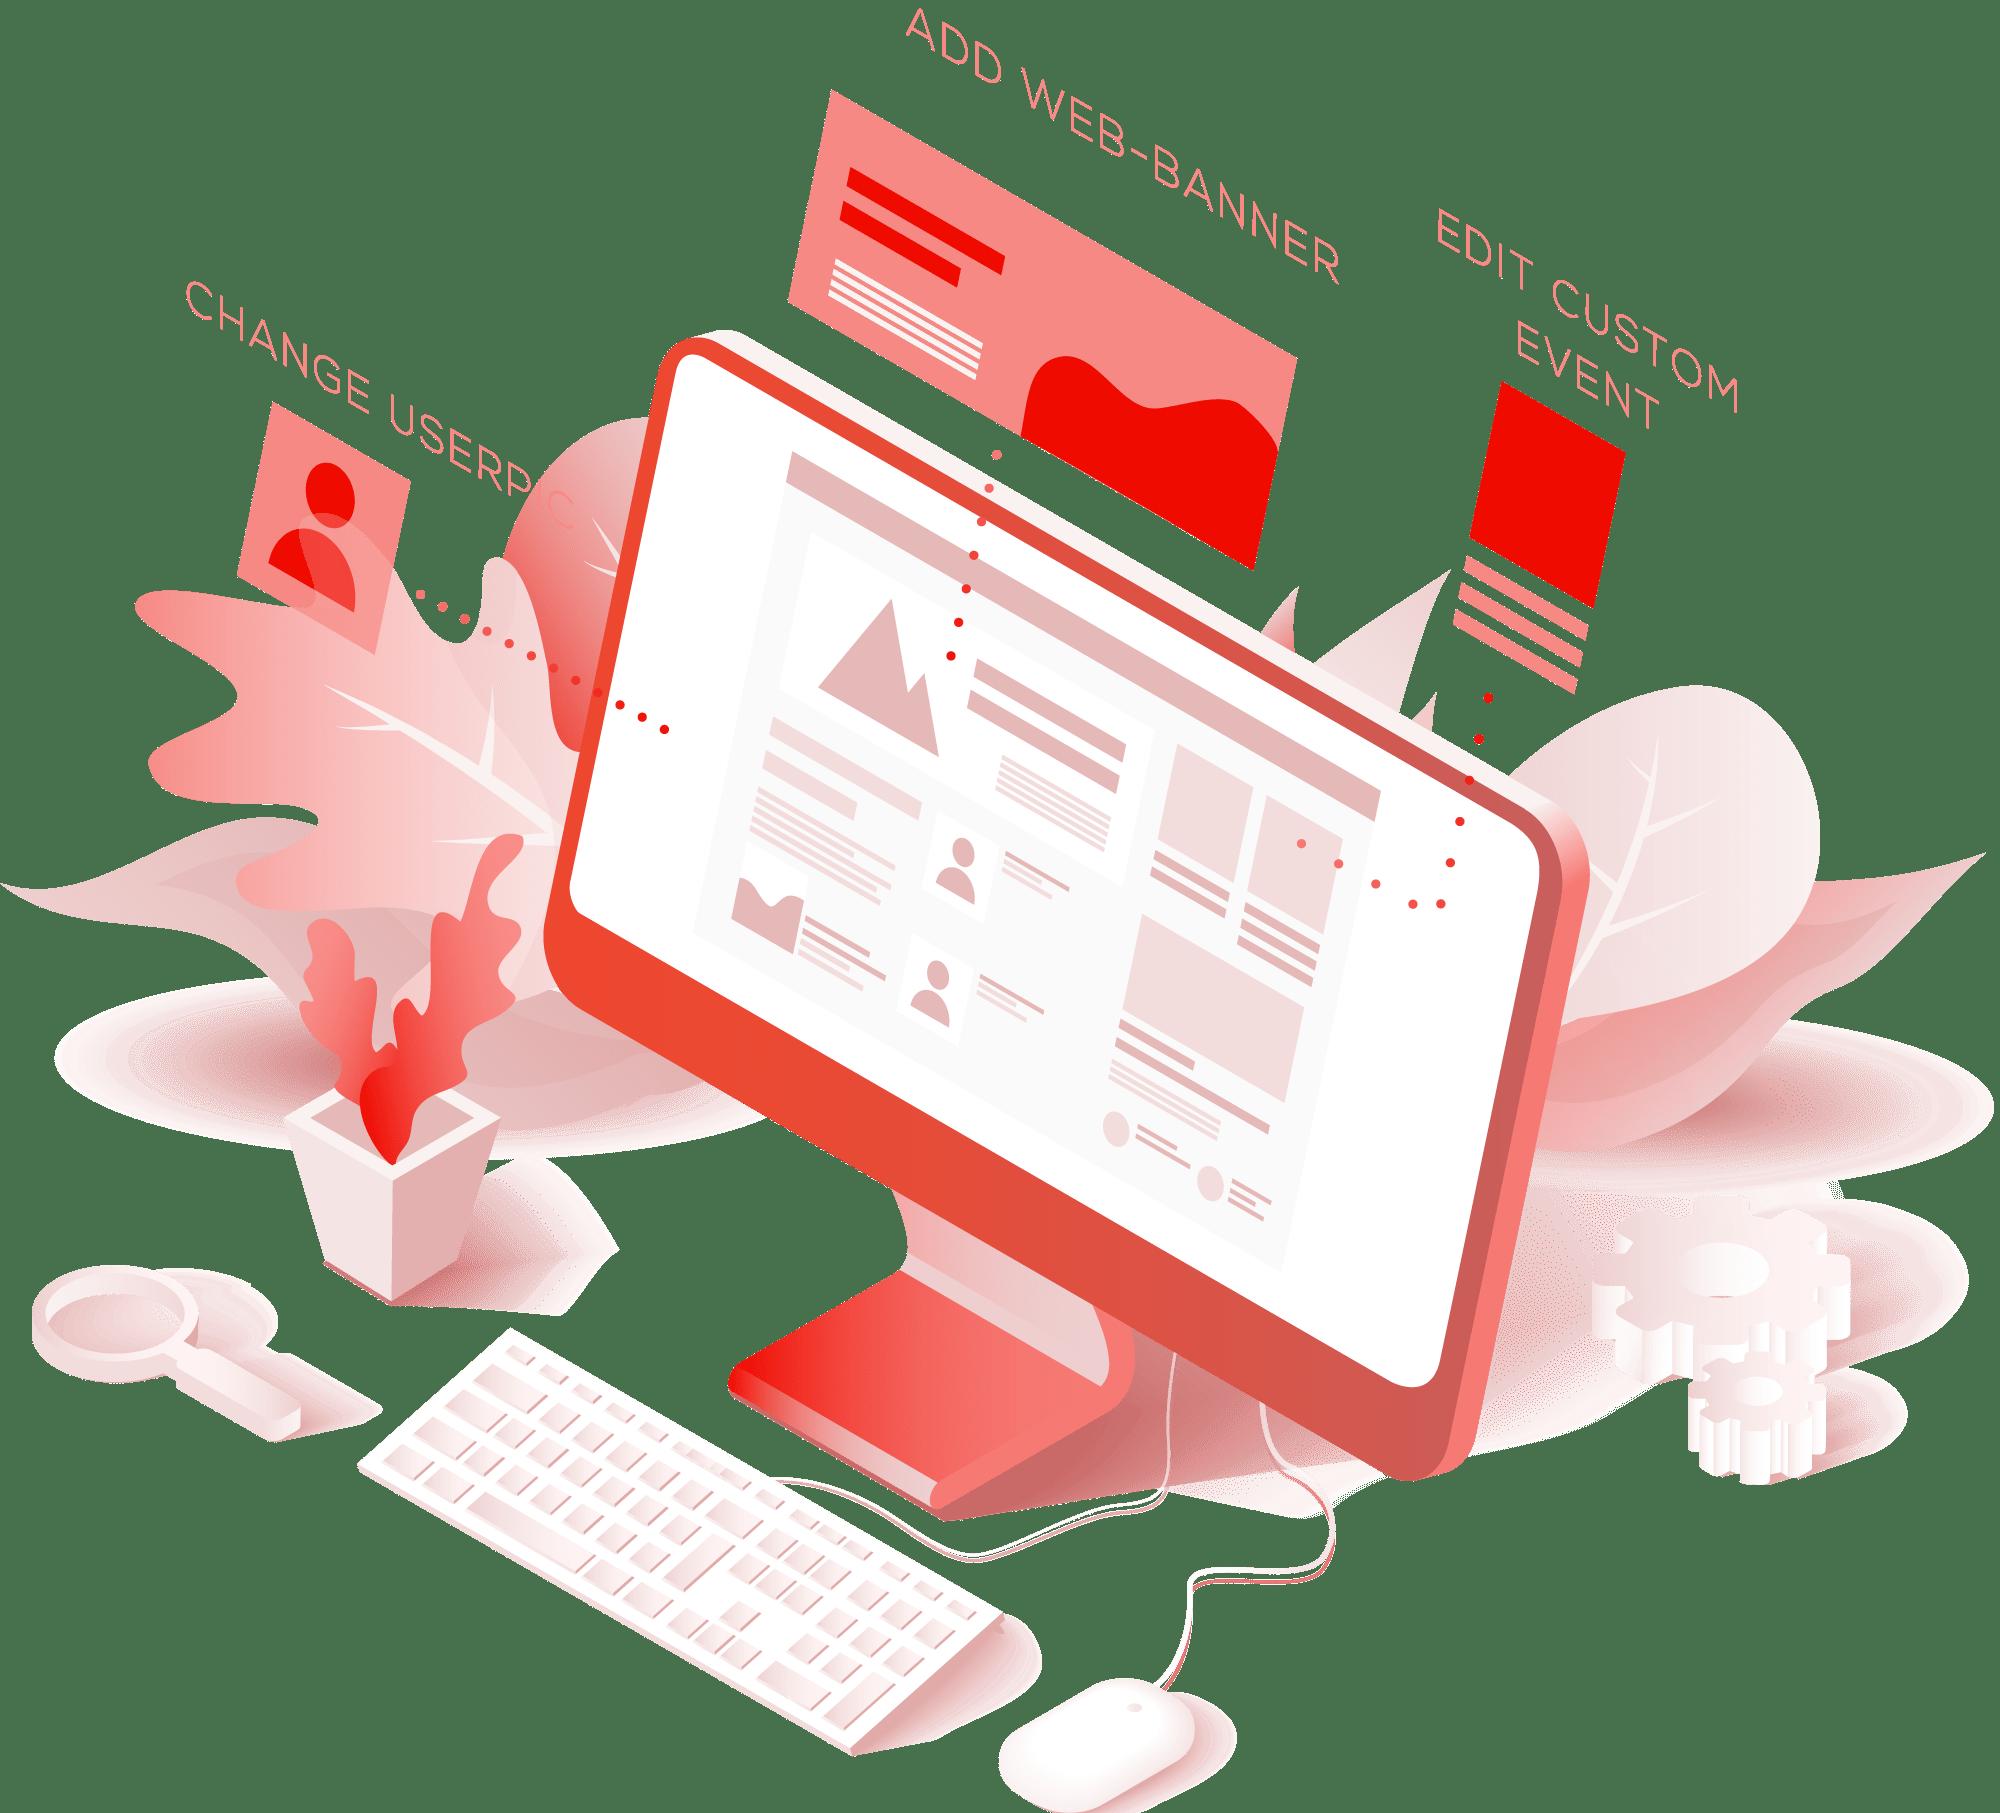 kopfmedia-werbeagentur-offenburg-webentwicklung-website-homepage-content-management